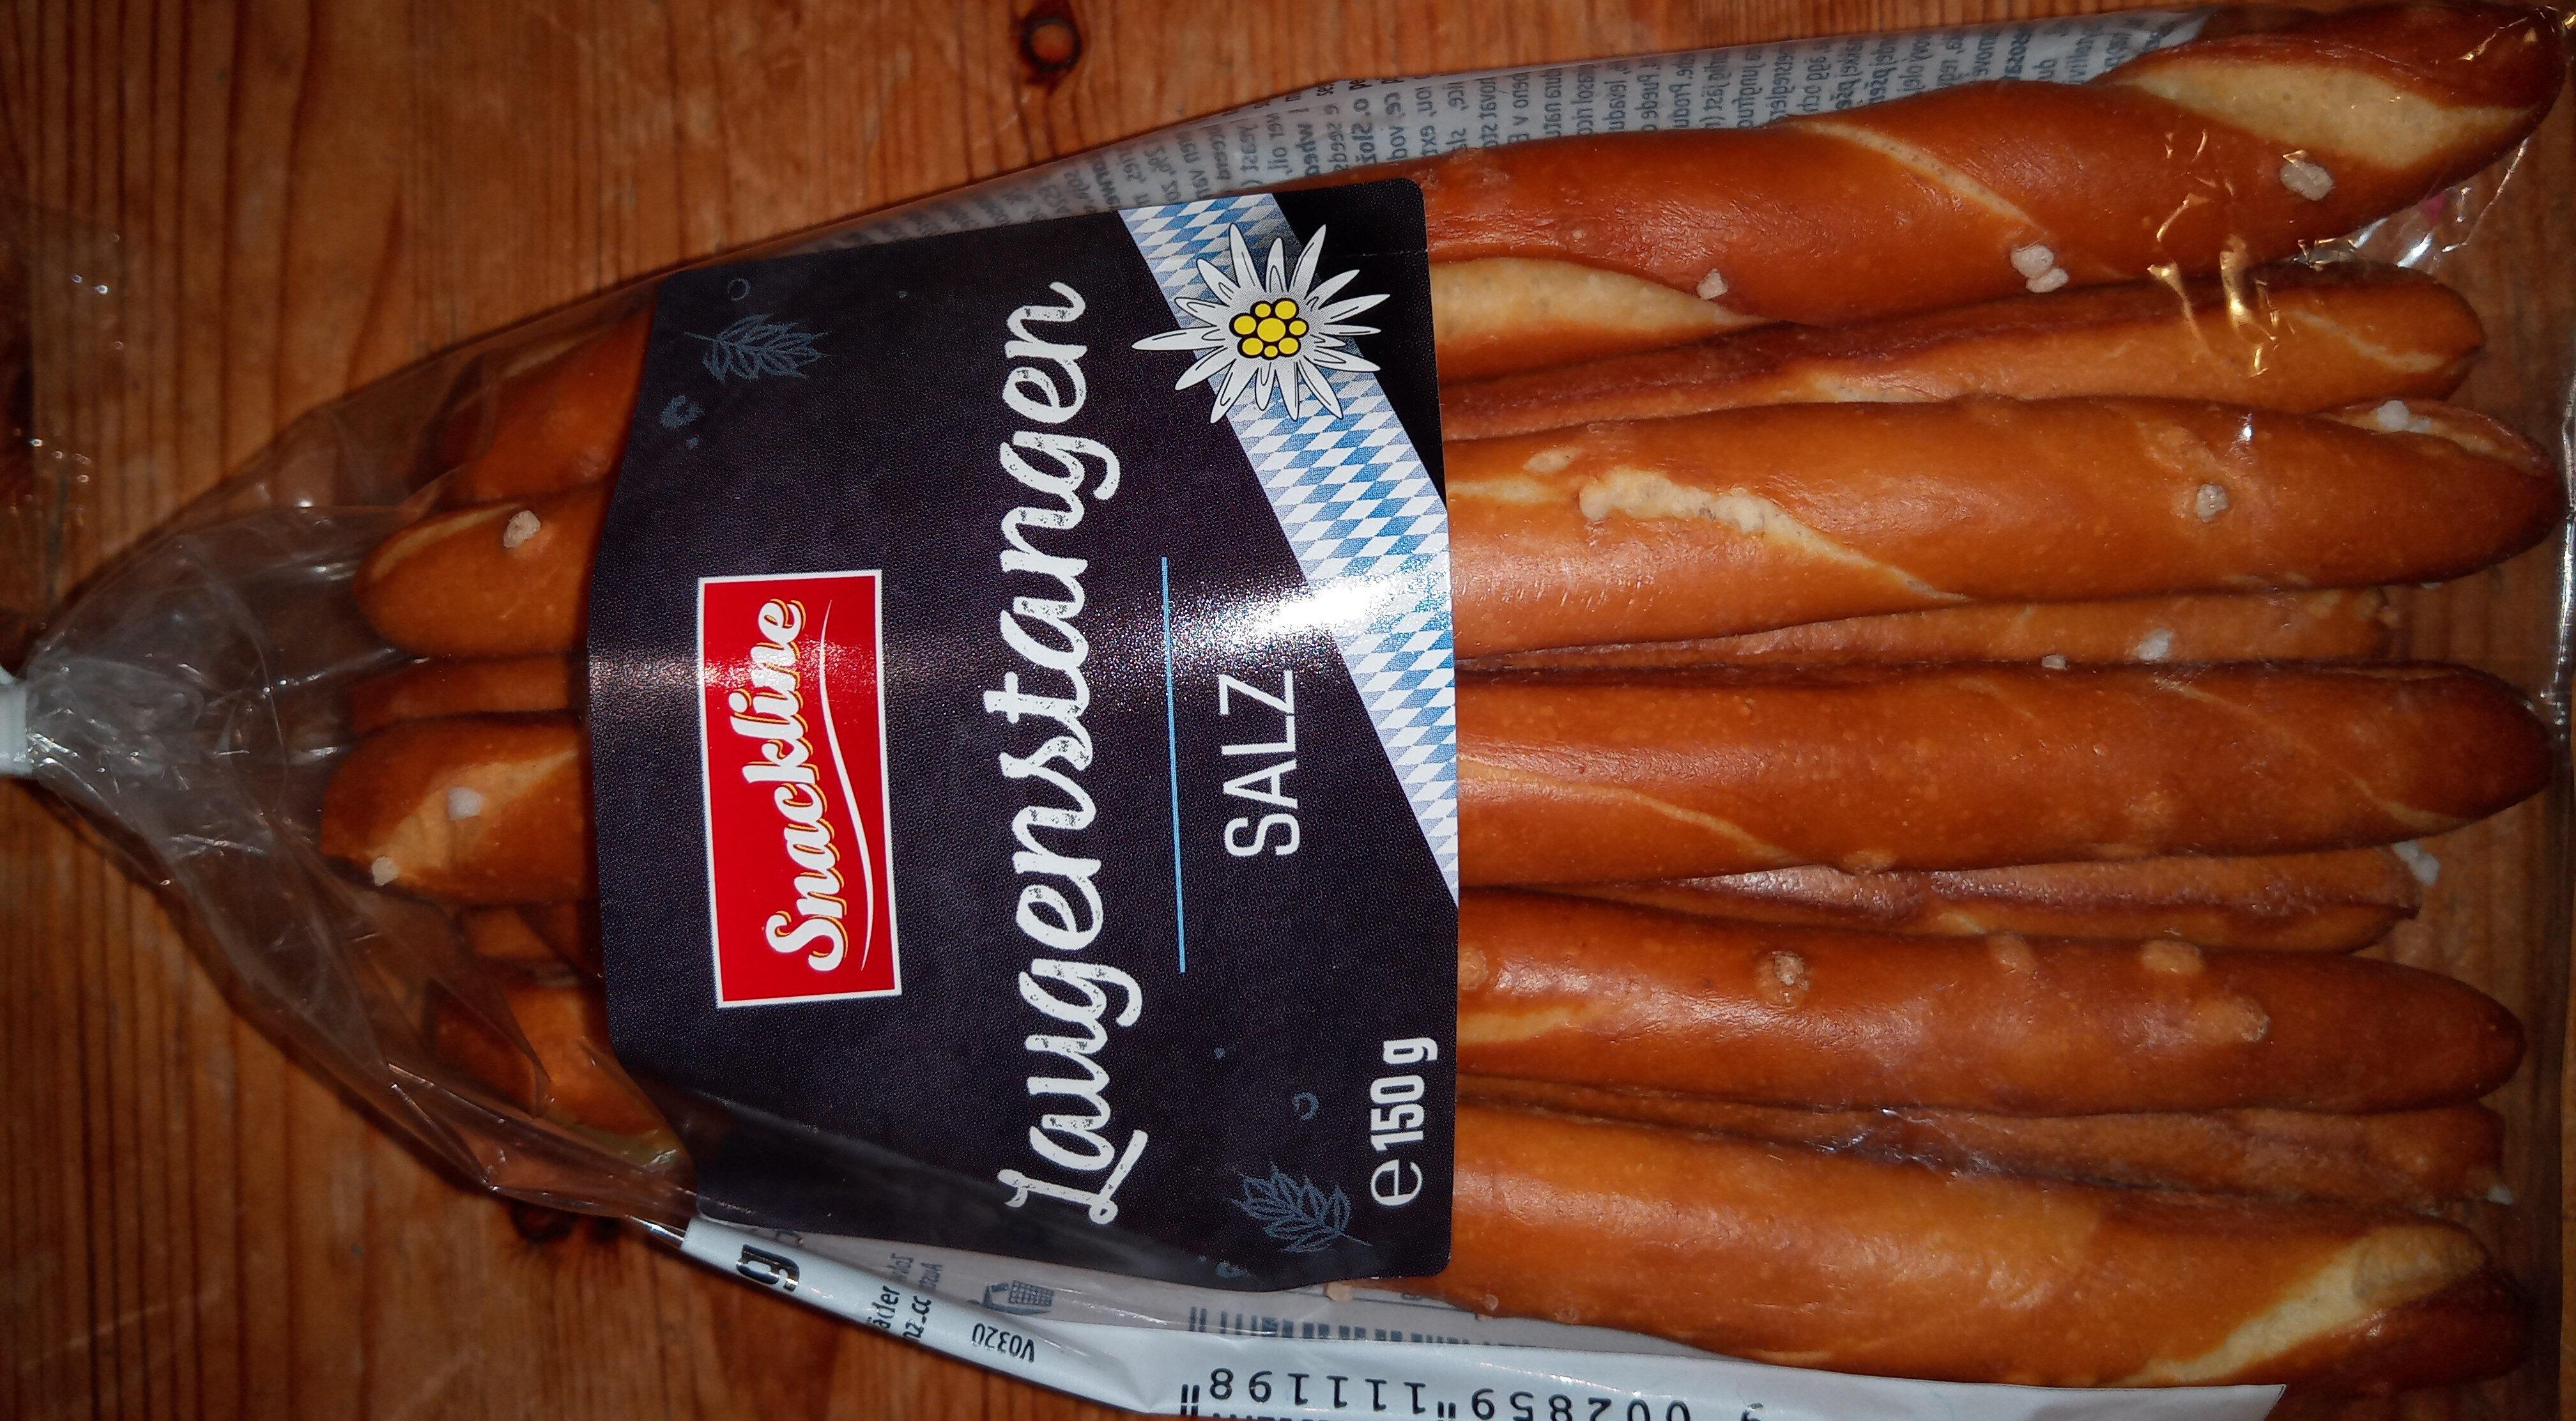 Laugenstangen Salz - Product - de